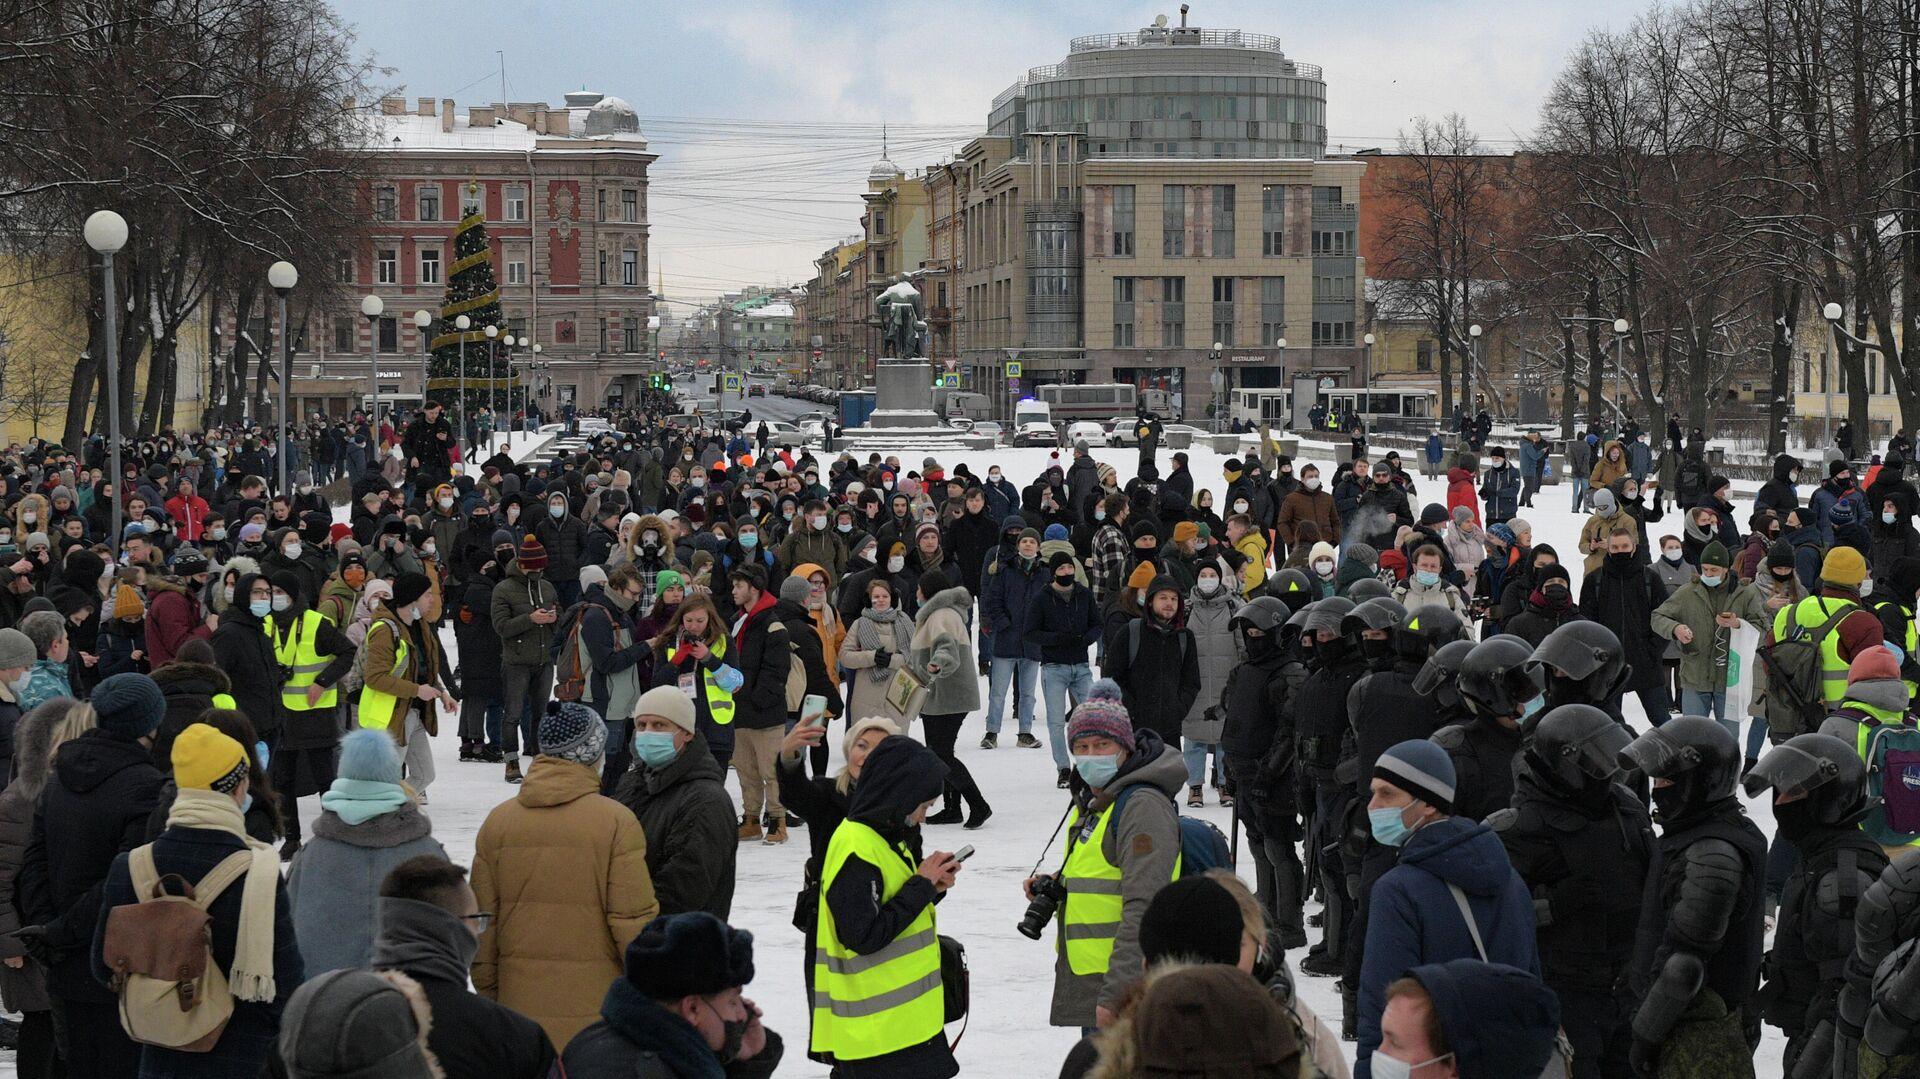 Сотрудники правоохранительных органов и участники несанкционированной акции сторонников Алексея Навального в Санкт-Петербурге - РИА Новости, 1920, 04.02.2021